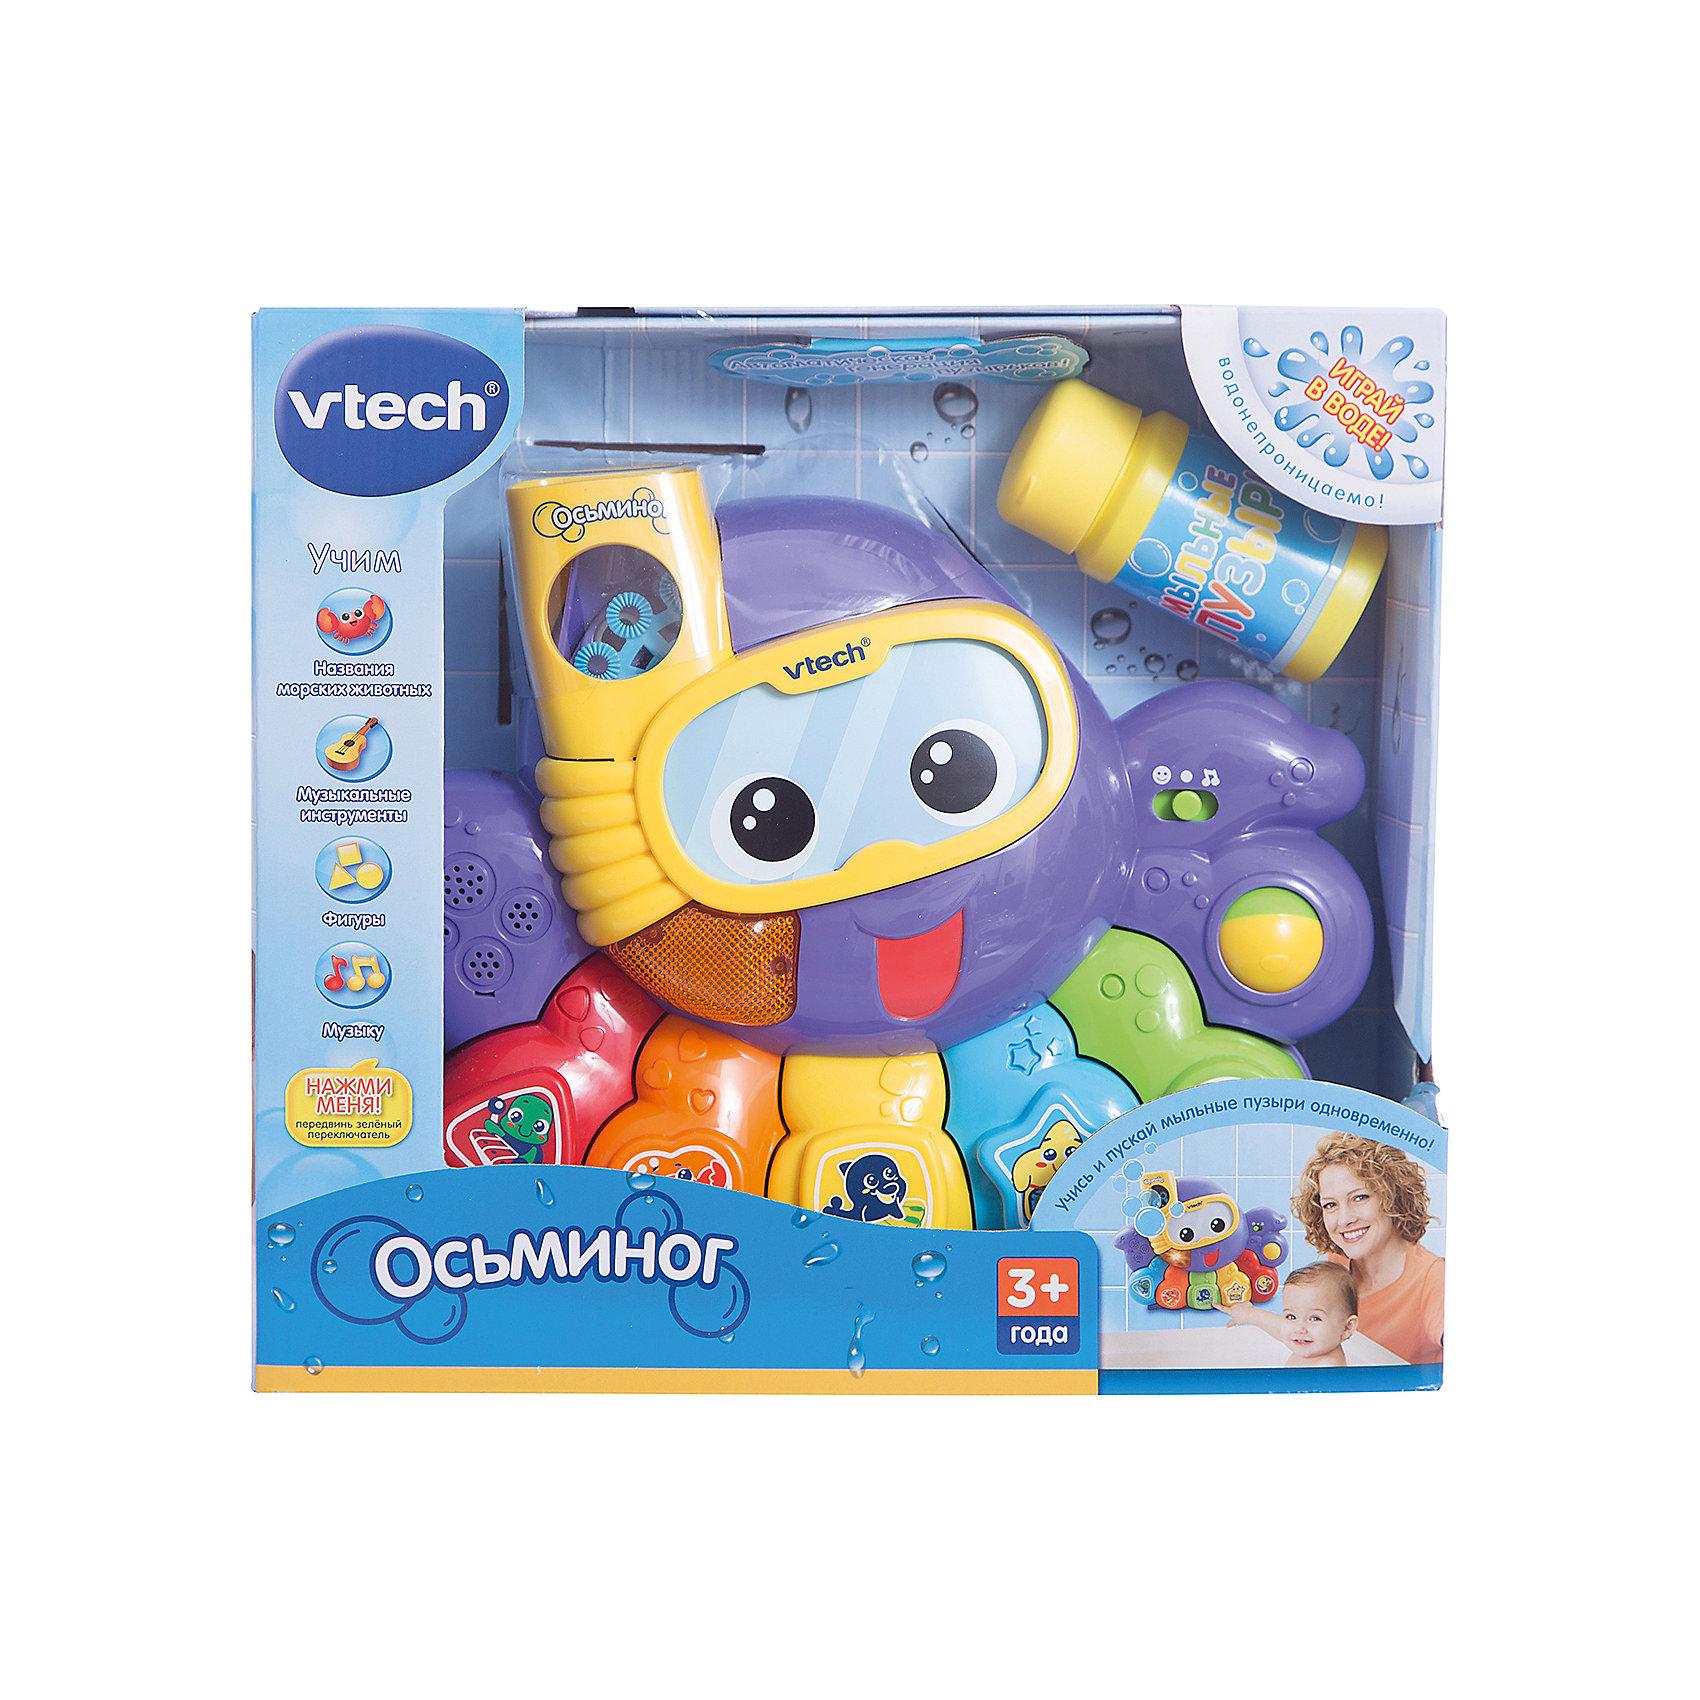 Игрушка для ванной Осьминог , VtechИгрушки для купания<br>Игрушка для ванной Осьминог, Vtech (Втеч).<br><br>Характеристики:<br><br>• Для детей от 3 лет<br>• Комплектация: осьминог, мыльная жидкость<br>• Особенности: водонепроницаема; выбор программ; кнопки с фигурами; резервуар для мыльной жидкости; автоматическая генерация пузырьков; светящаяся кнопка, вращающийся шарик, таймер автоматического отключения<br>• Обучение: названия морских животных, музыкальных инструментов, фигур<br>• Материал: пластик<br>• Батарейки: 4 типа АА (в комплекте демонстрационные)<br>• Упаковка: красочная подарочная коробка<br>• Размер упаковки: 31х12х28 см.<br><br>Осьминог от французской компании Vtech – восхитительная игрушка для ванны, с которой купание вашего малыша будет не только веселым, но и познавательным! Красочный и яркий осьминог крепится к кафелю или стенке ванны с помощью присосок. При нажатии на разноцветные кнопочки пианино осьминог может рассказать малышу, как называются морские животные, геометрические фигуры и цвета. <br><br>Но и это еще не всё! При помощи специального резервуара для мыльной воды, осьминог будет сам пускать пузыри, чем приведет малыша в восторг. С помощью режима вопросов можно будет закрепить полученные знания, ну а веселые мелодии и одобряющие фразы сделают игру еще интереснее. Игрушка изготовлена из прочного безопасного пластика. Продается в красочной коробке и идеально подходит в качестве подарка.<br><br>Игрушку для ванной Осьминог, Vtech (Втеч) можно купить в нашем интернет-магазине.<br><br>Ширина мм: 120<br>Глубина мм: 310<br>Высота мм: 280<br>Вес г: 1630<br>Возраст от месяцев: 6<br>Возраст до месяцев: 36<br>Пол: Унисекс<br>Возраст: Детский<br>SKU: 2263132